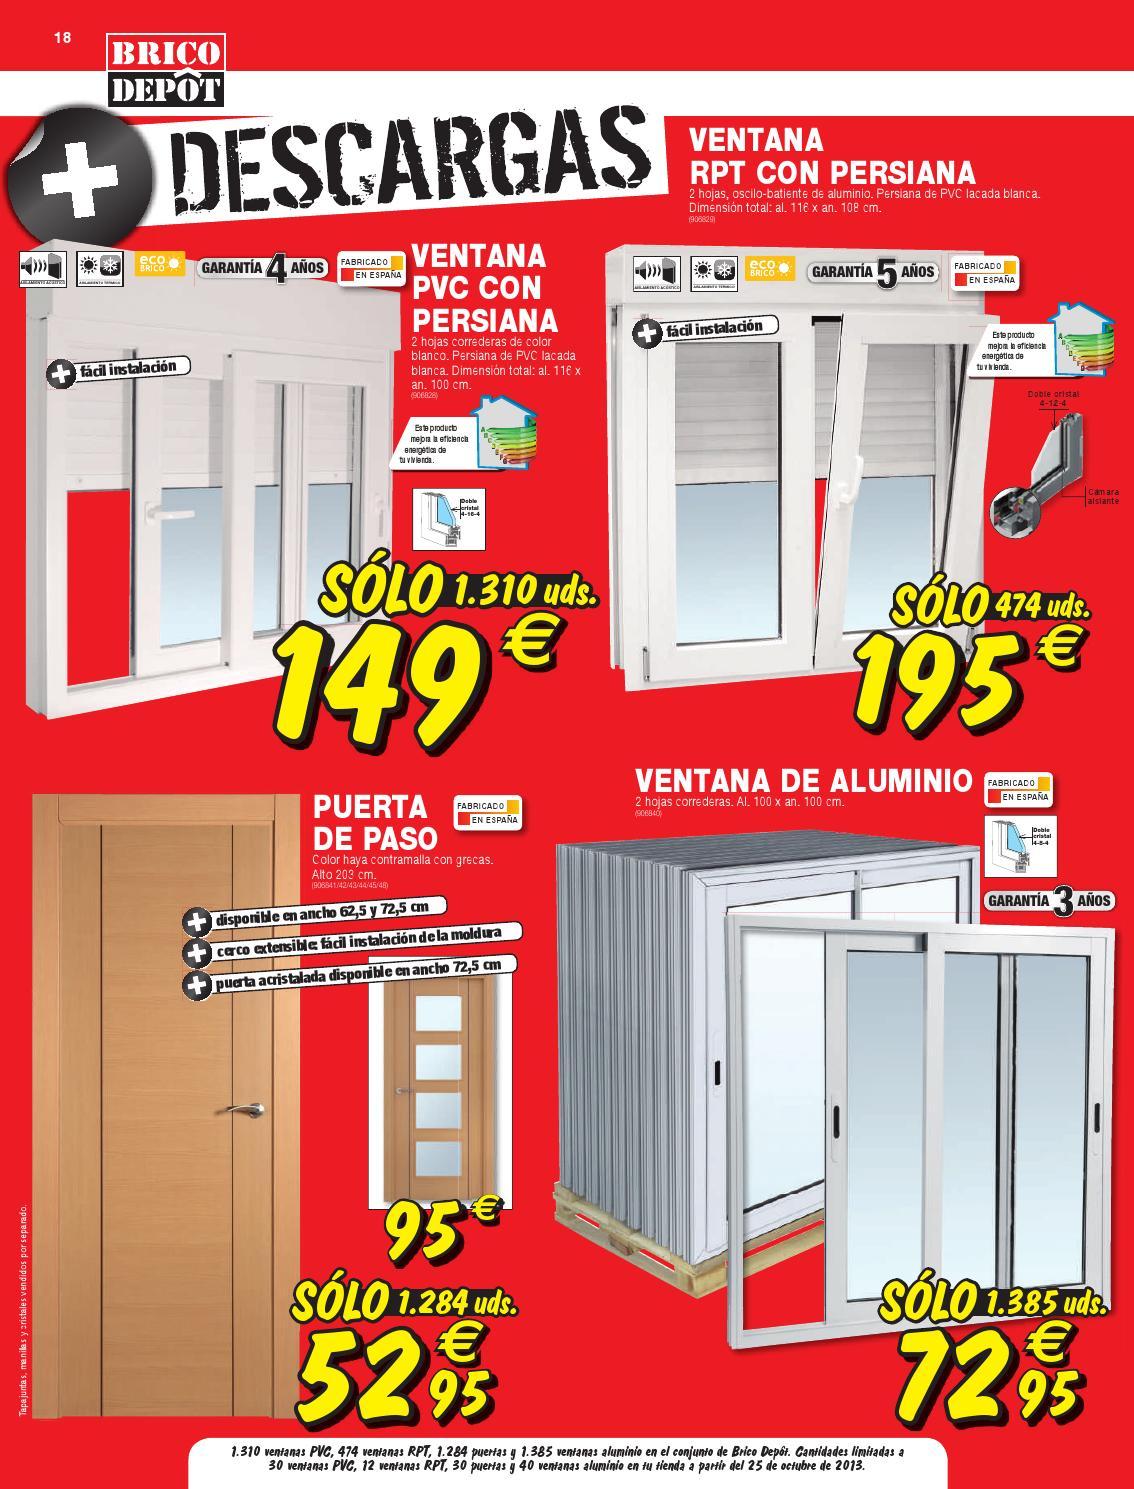 Catalogo ventanas bricodepot com anuncios de ventanas - Puertas baratas bricodepot ...